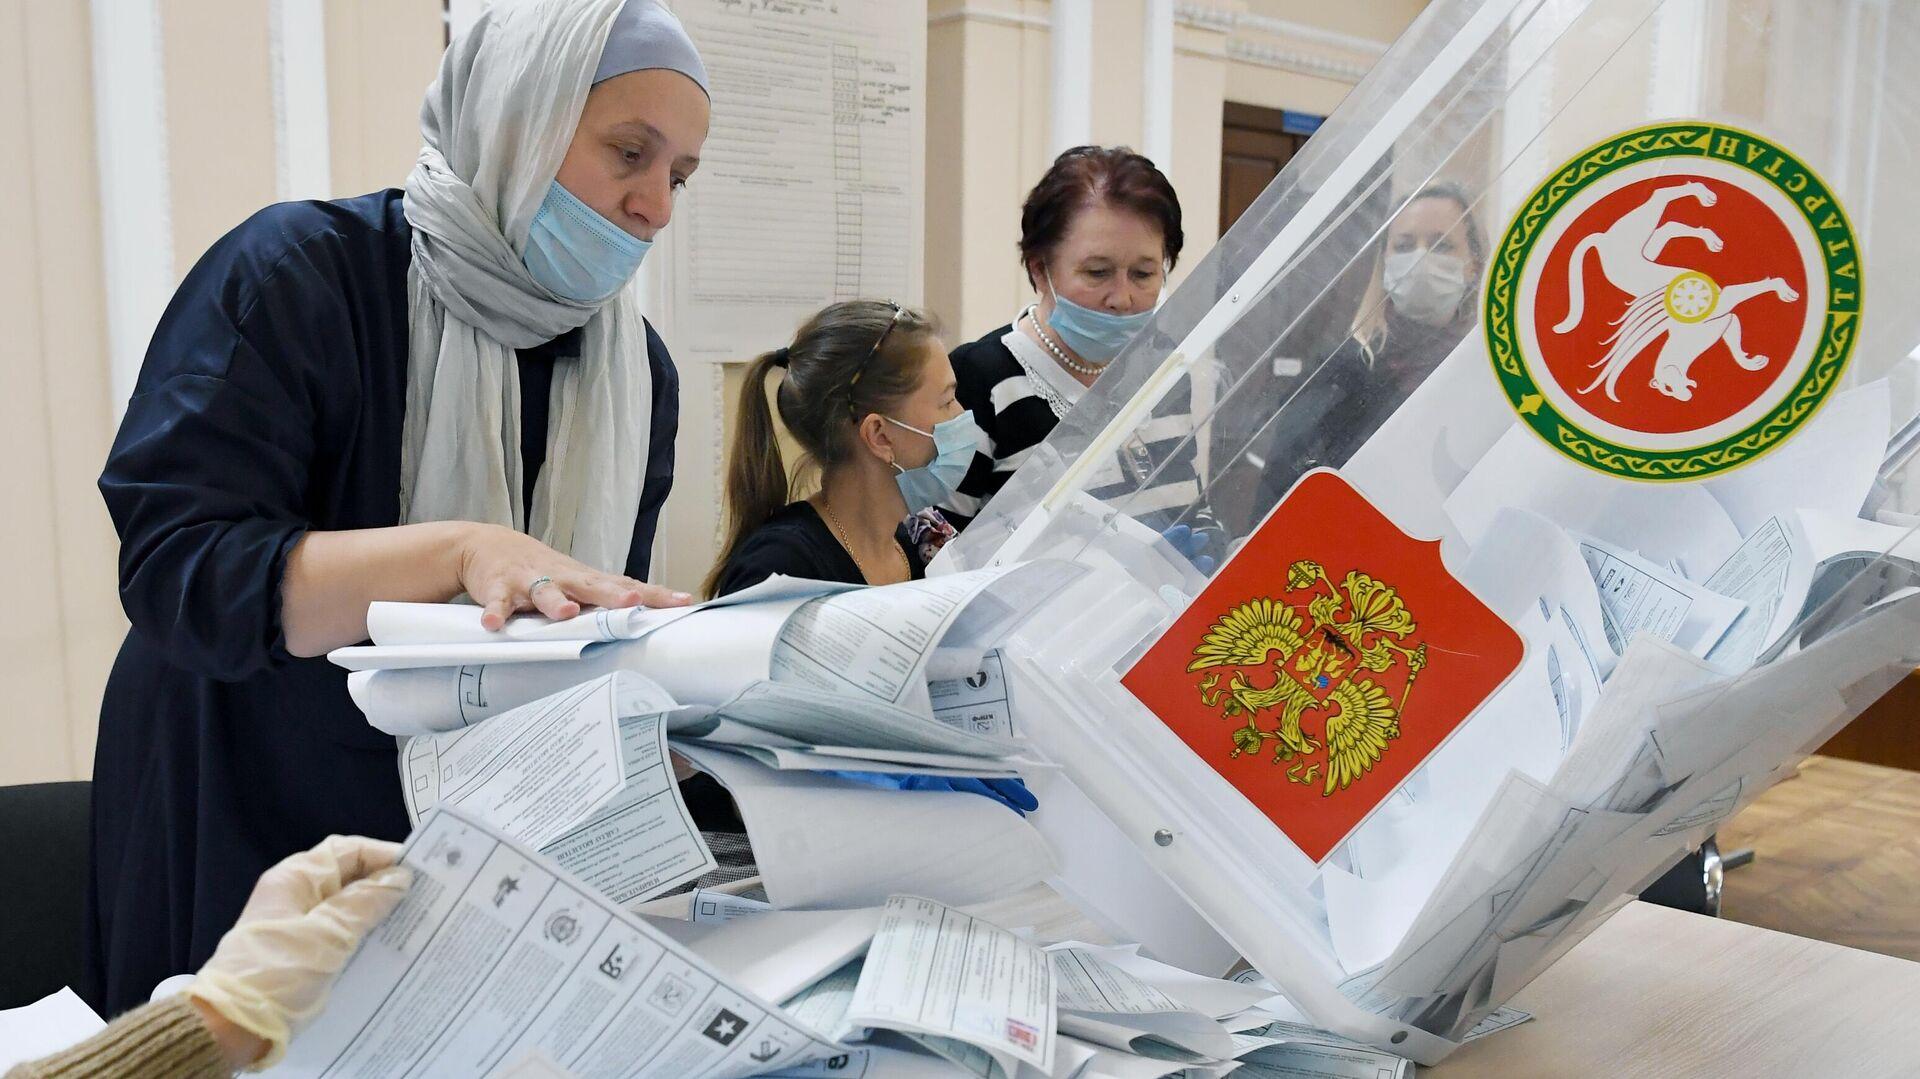 Подсчет голосов на выборах в единый день голосования - Sputnik Беларусь, 1920, 20.09.2021